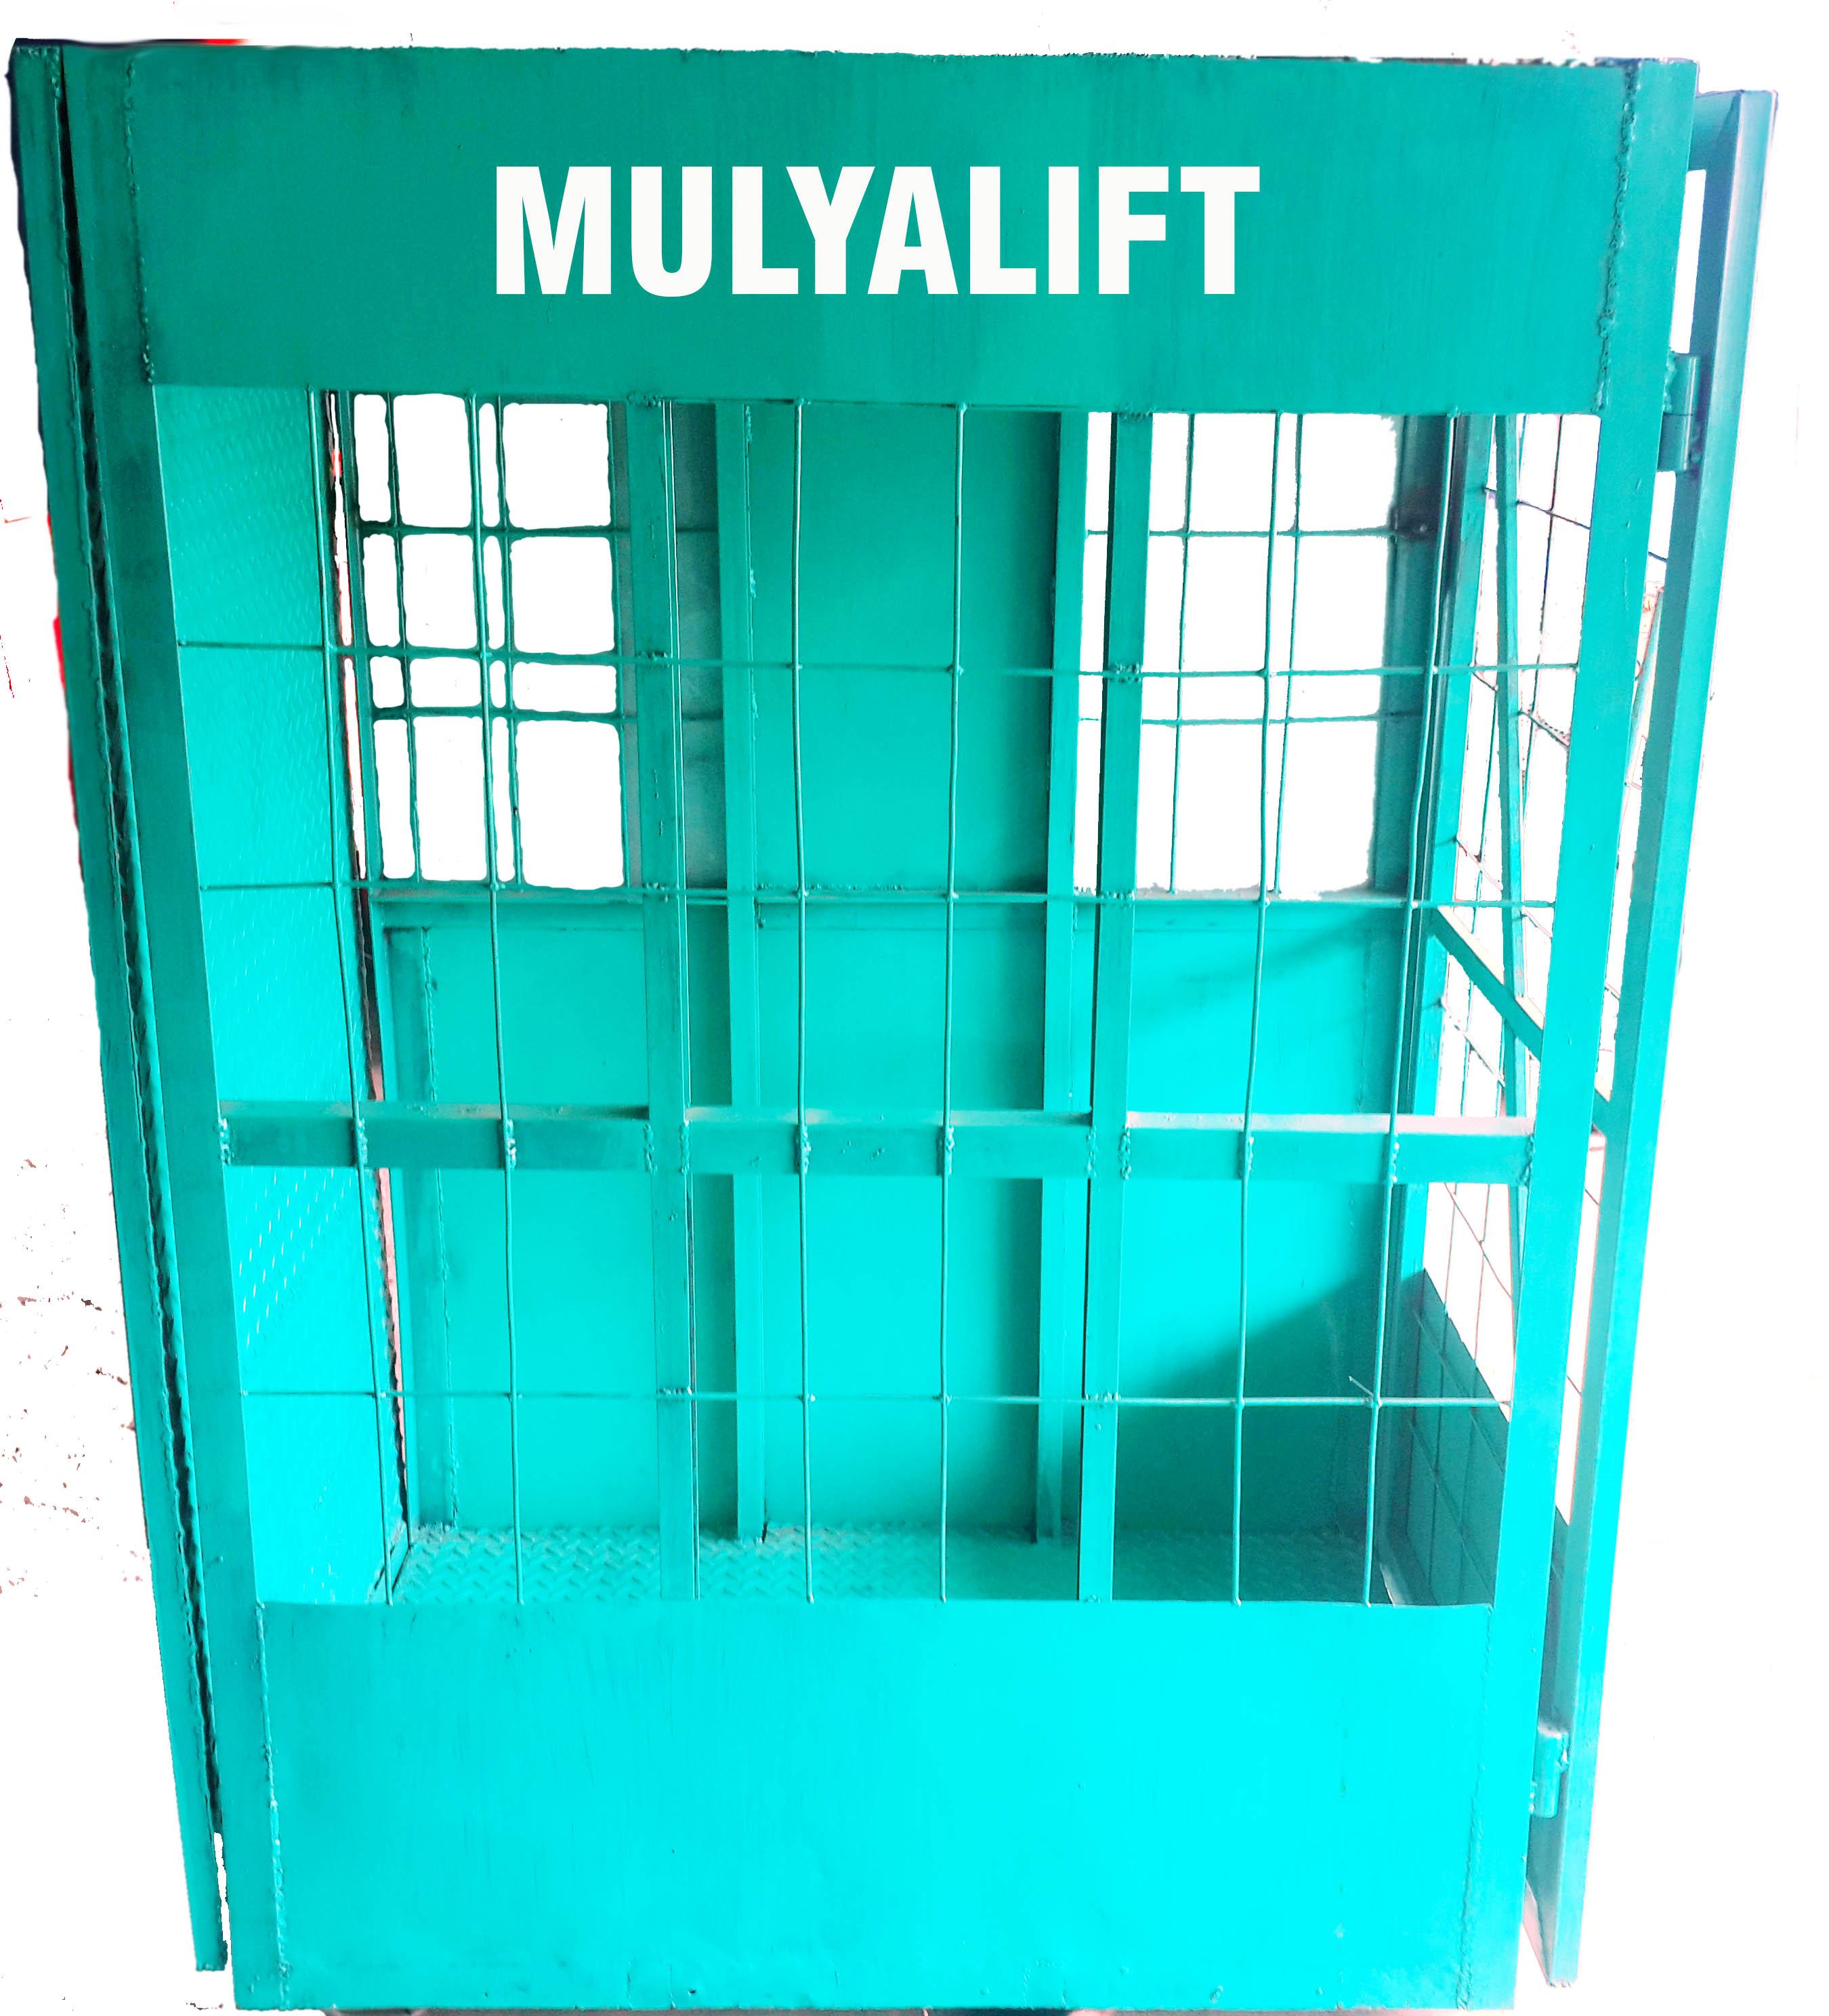 Sewa Lift Barang (MULYALIFT) - MULYA PERKASA